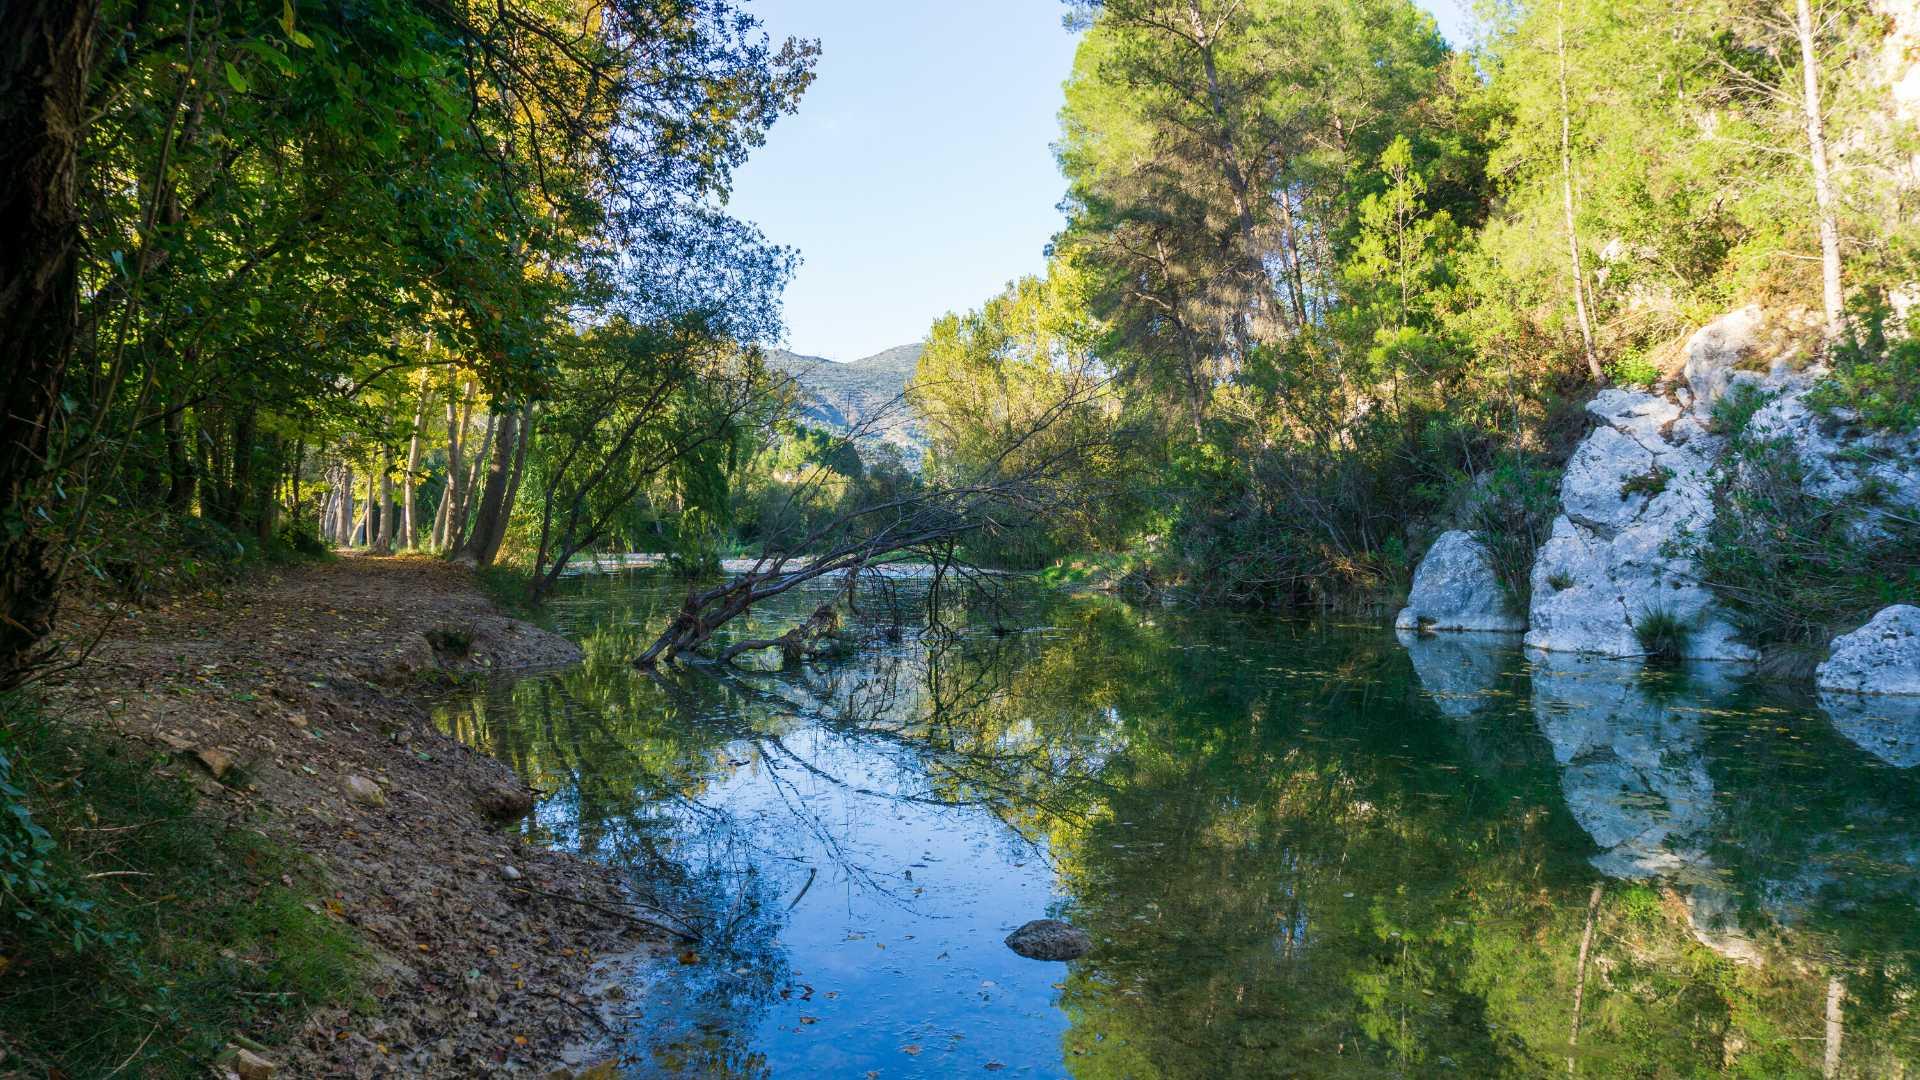 Hiking Trail: Barranc de l'Encantada